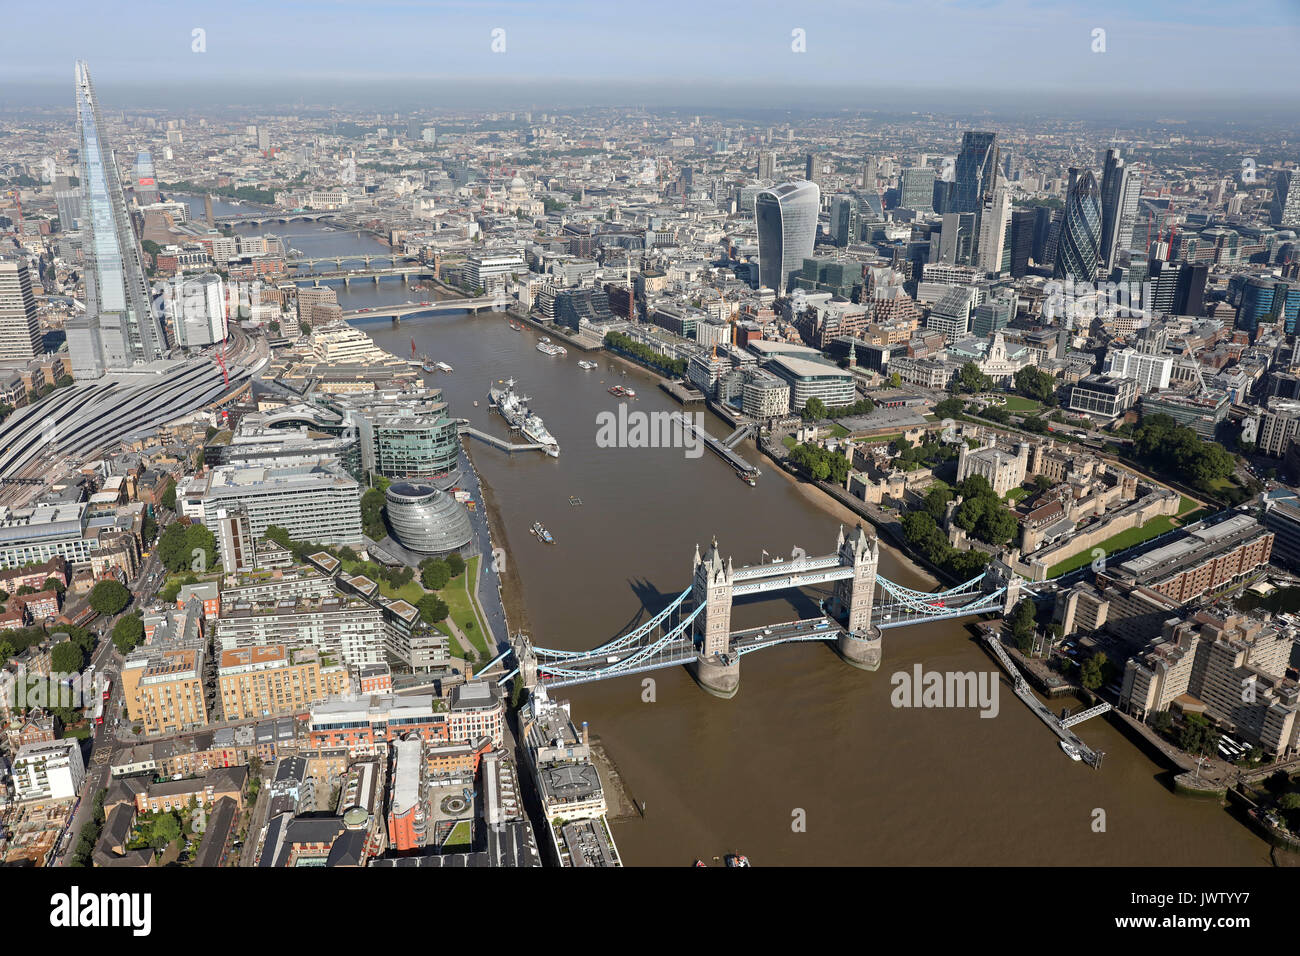 Luftbild von der Tower Bridge, Shard, Themse, und der Londoner City Skyline Stockfoto